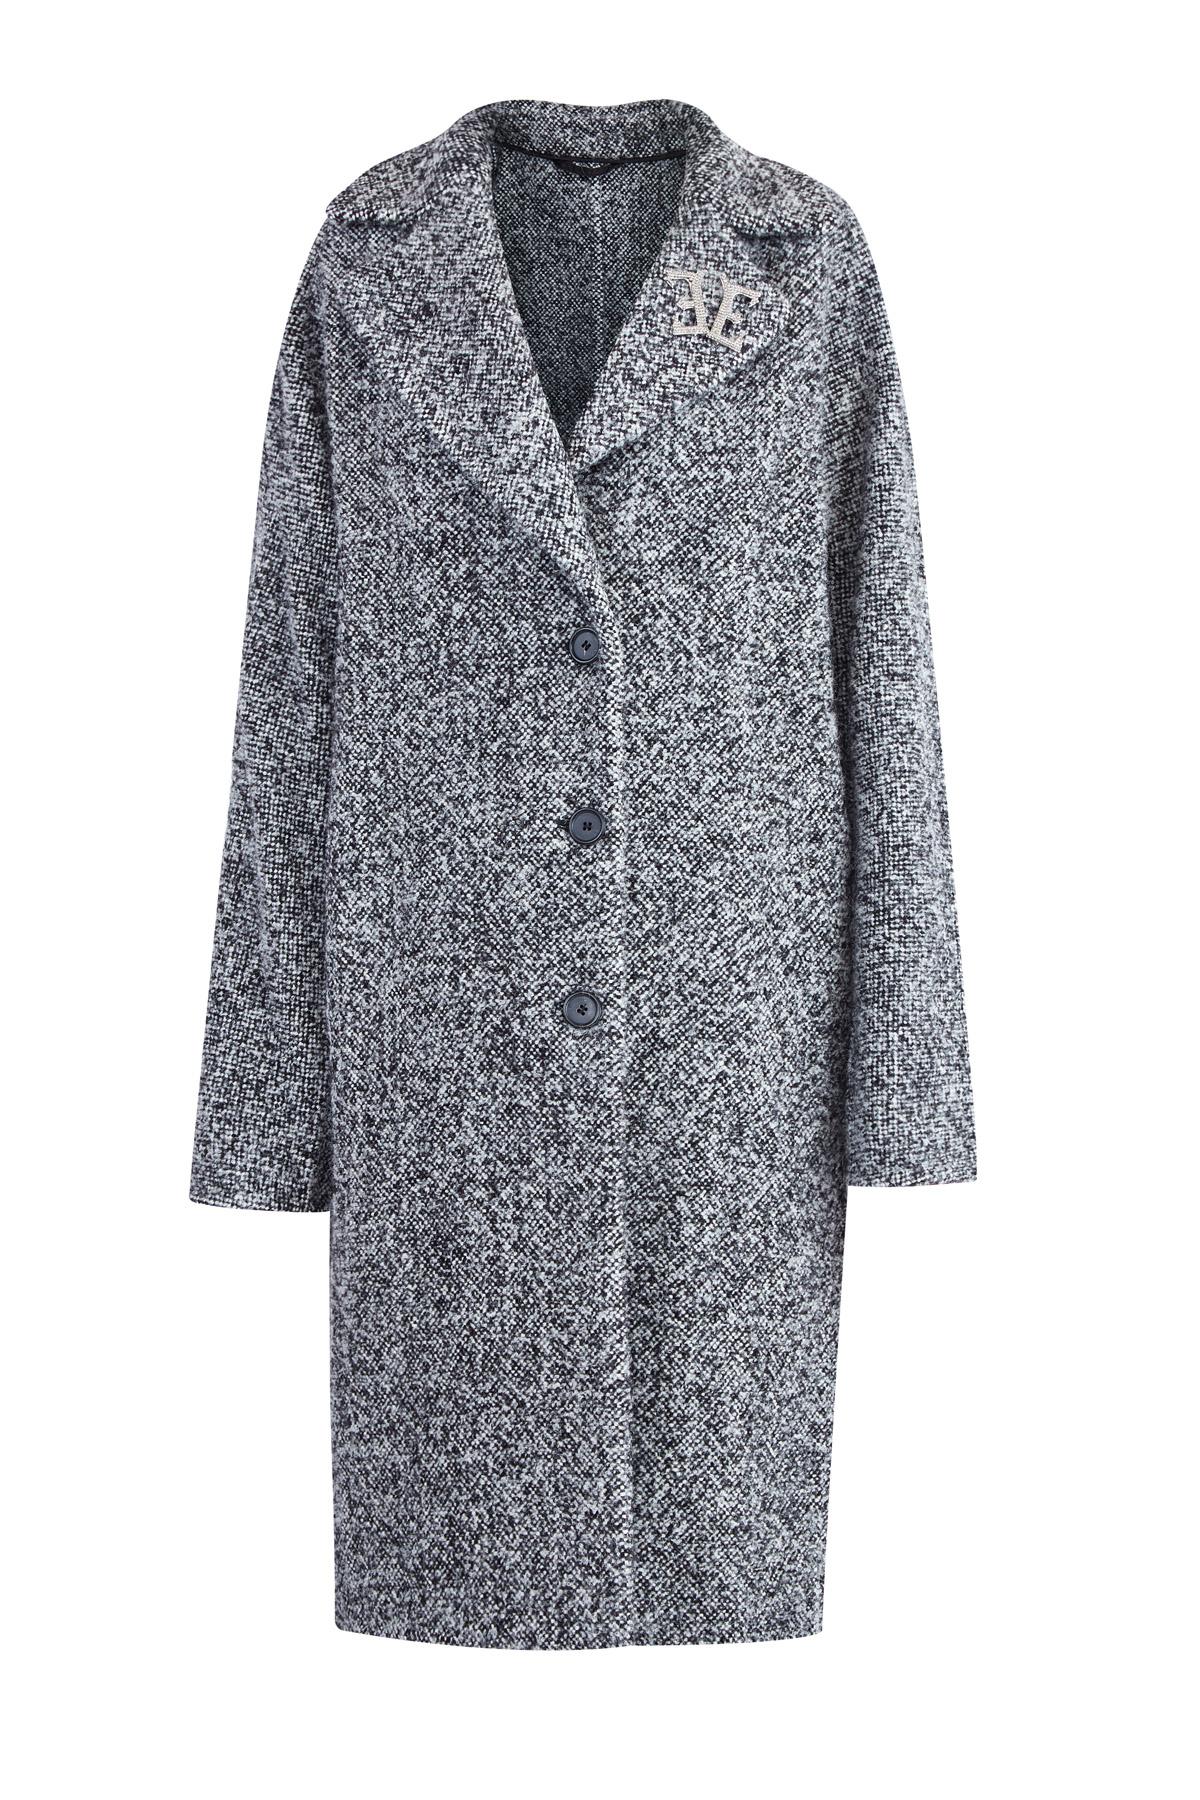 Фактурное черно-белое шерстяное пальто прямого кроя с брошью